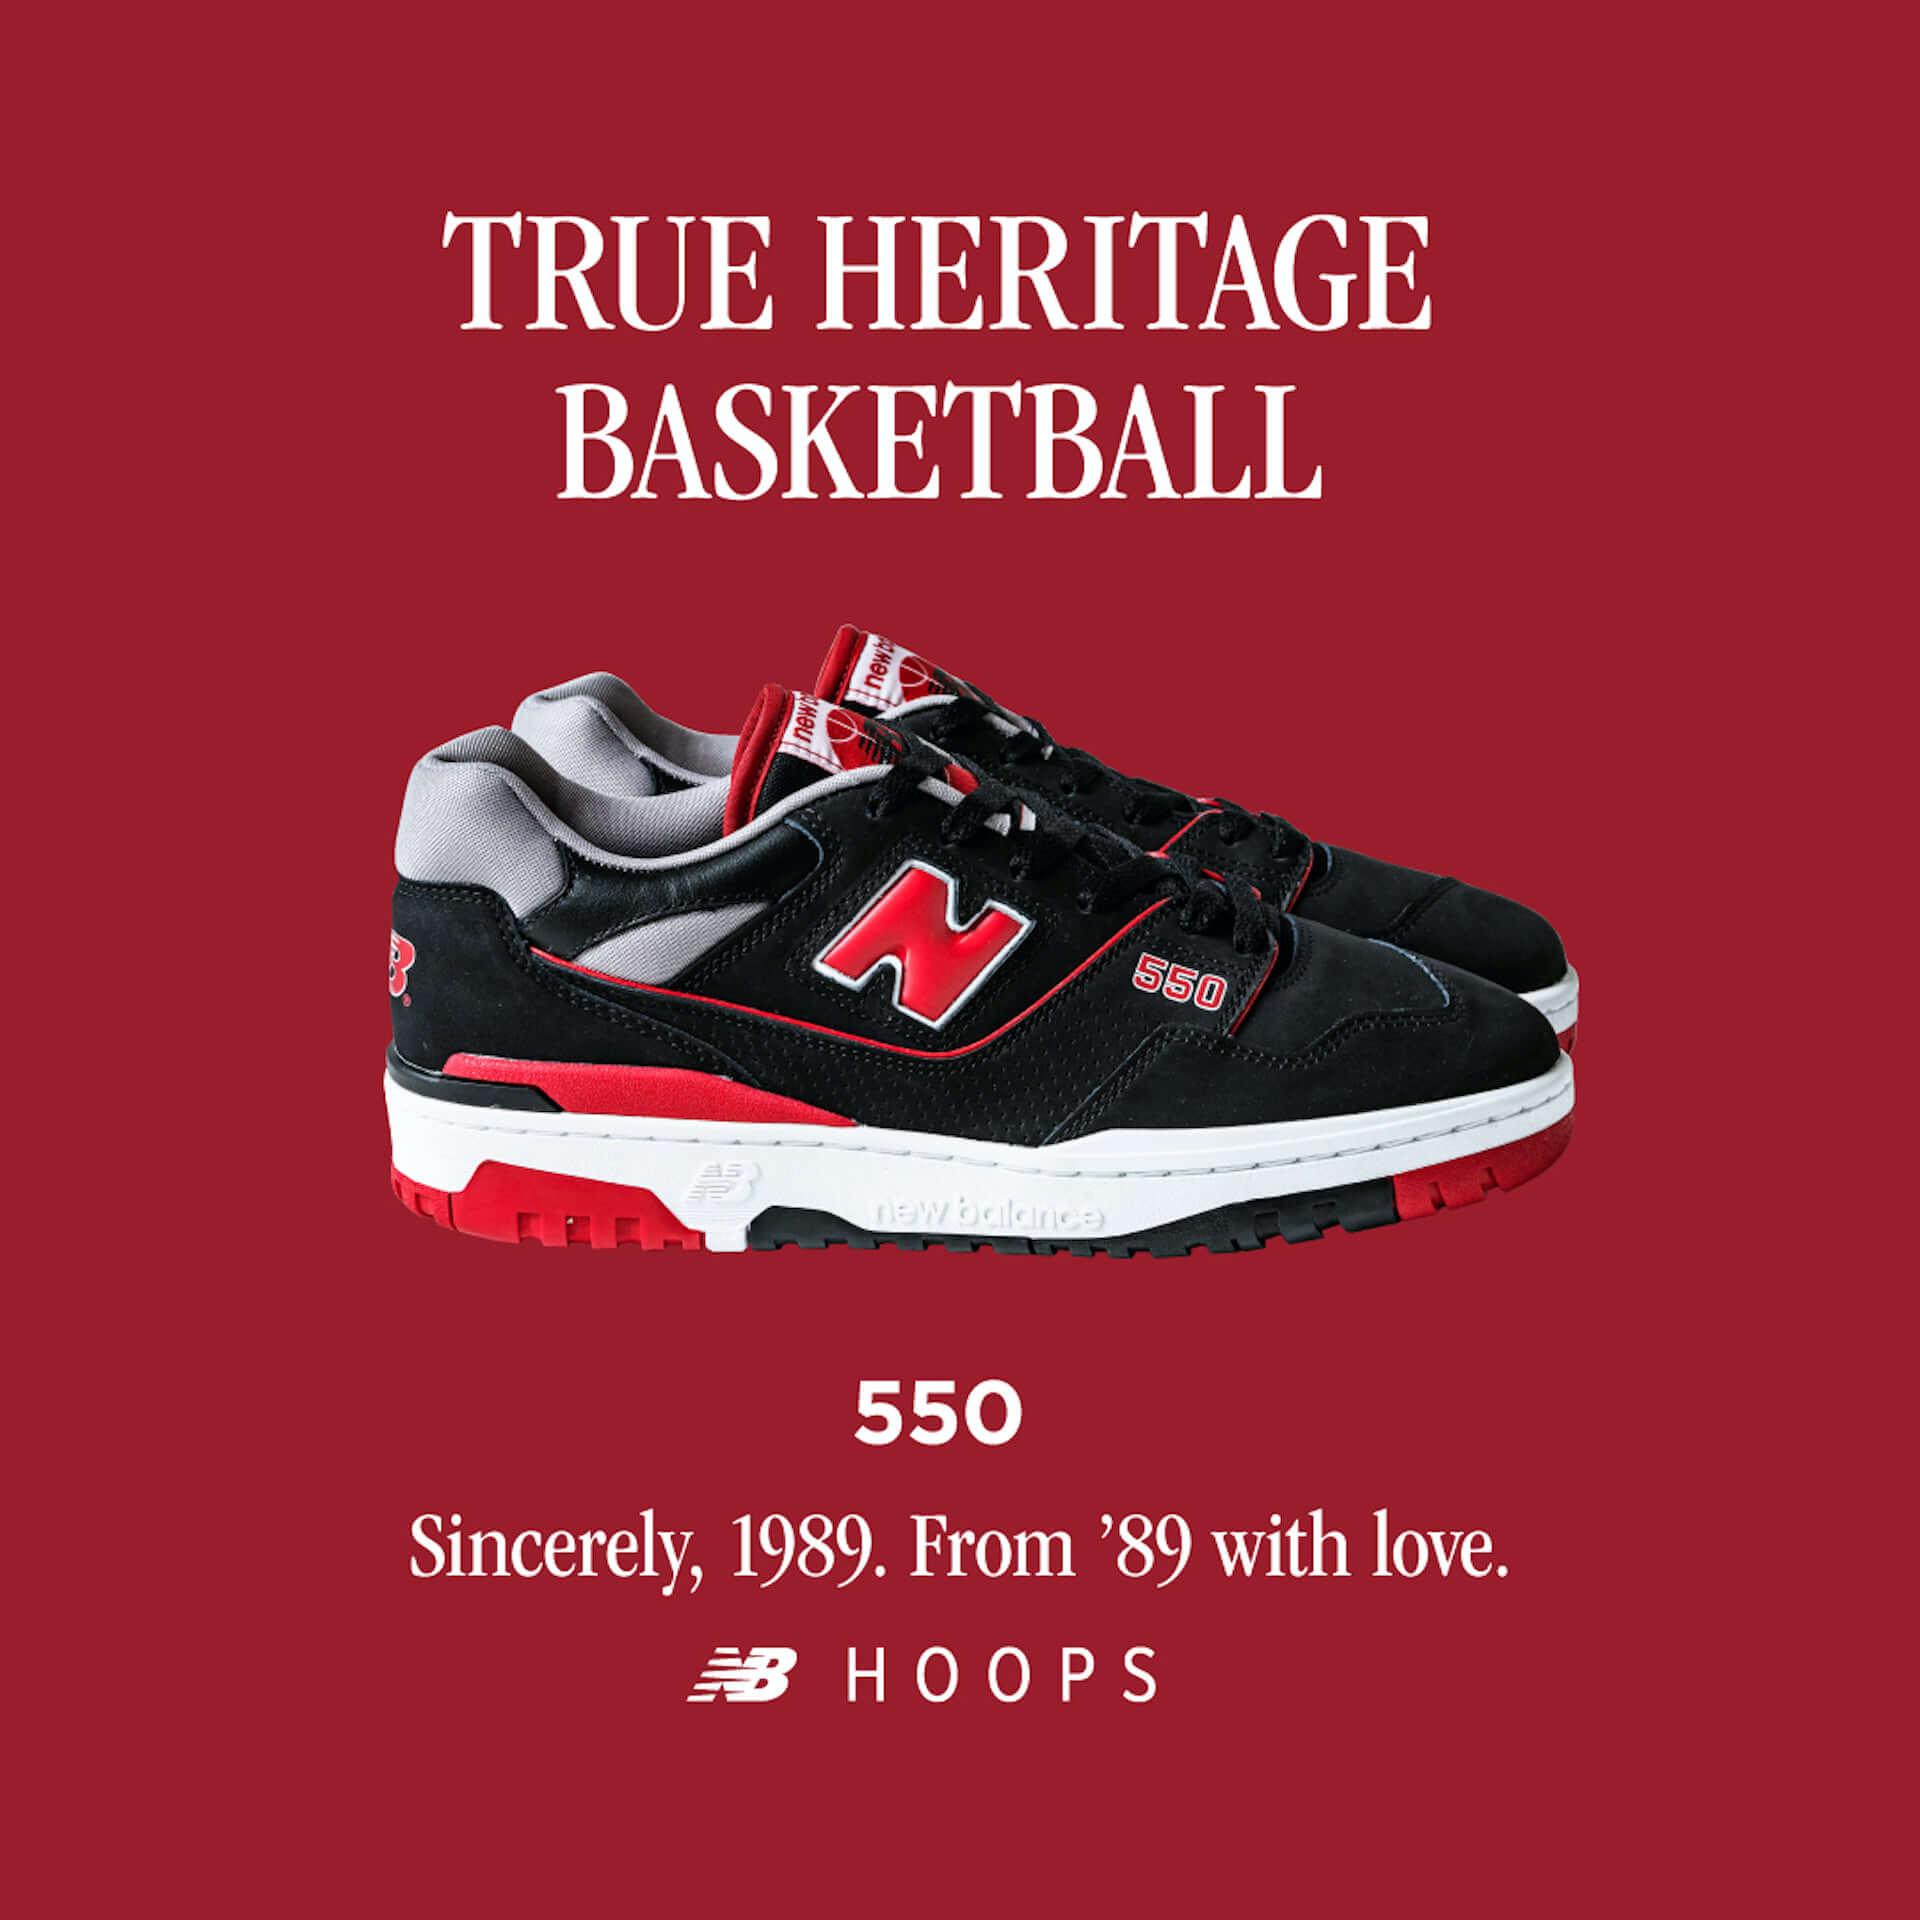 ニューバランスの復刻版バスケットボールシューズ『BB550』に新色が登場!公式ストア限定でブラック/レッドが発売決定 lf201228_newbalance_3-1920x1920